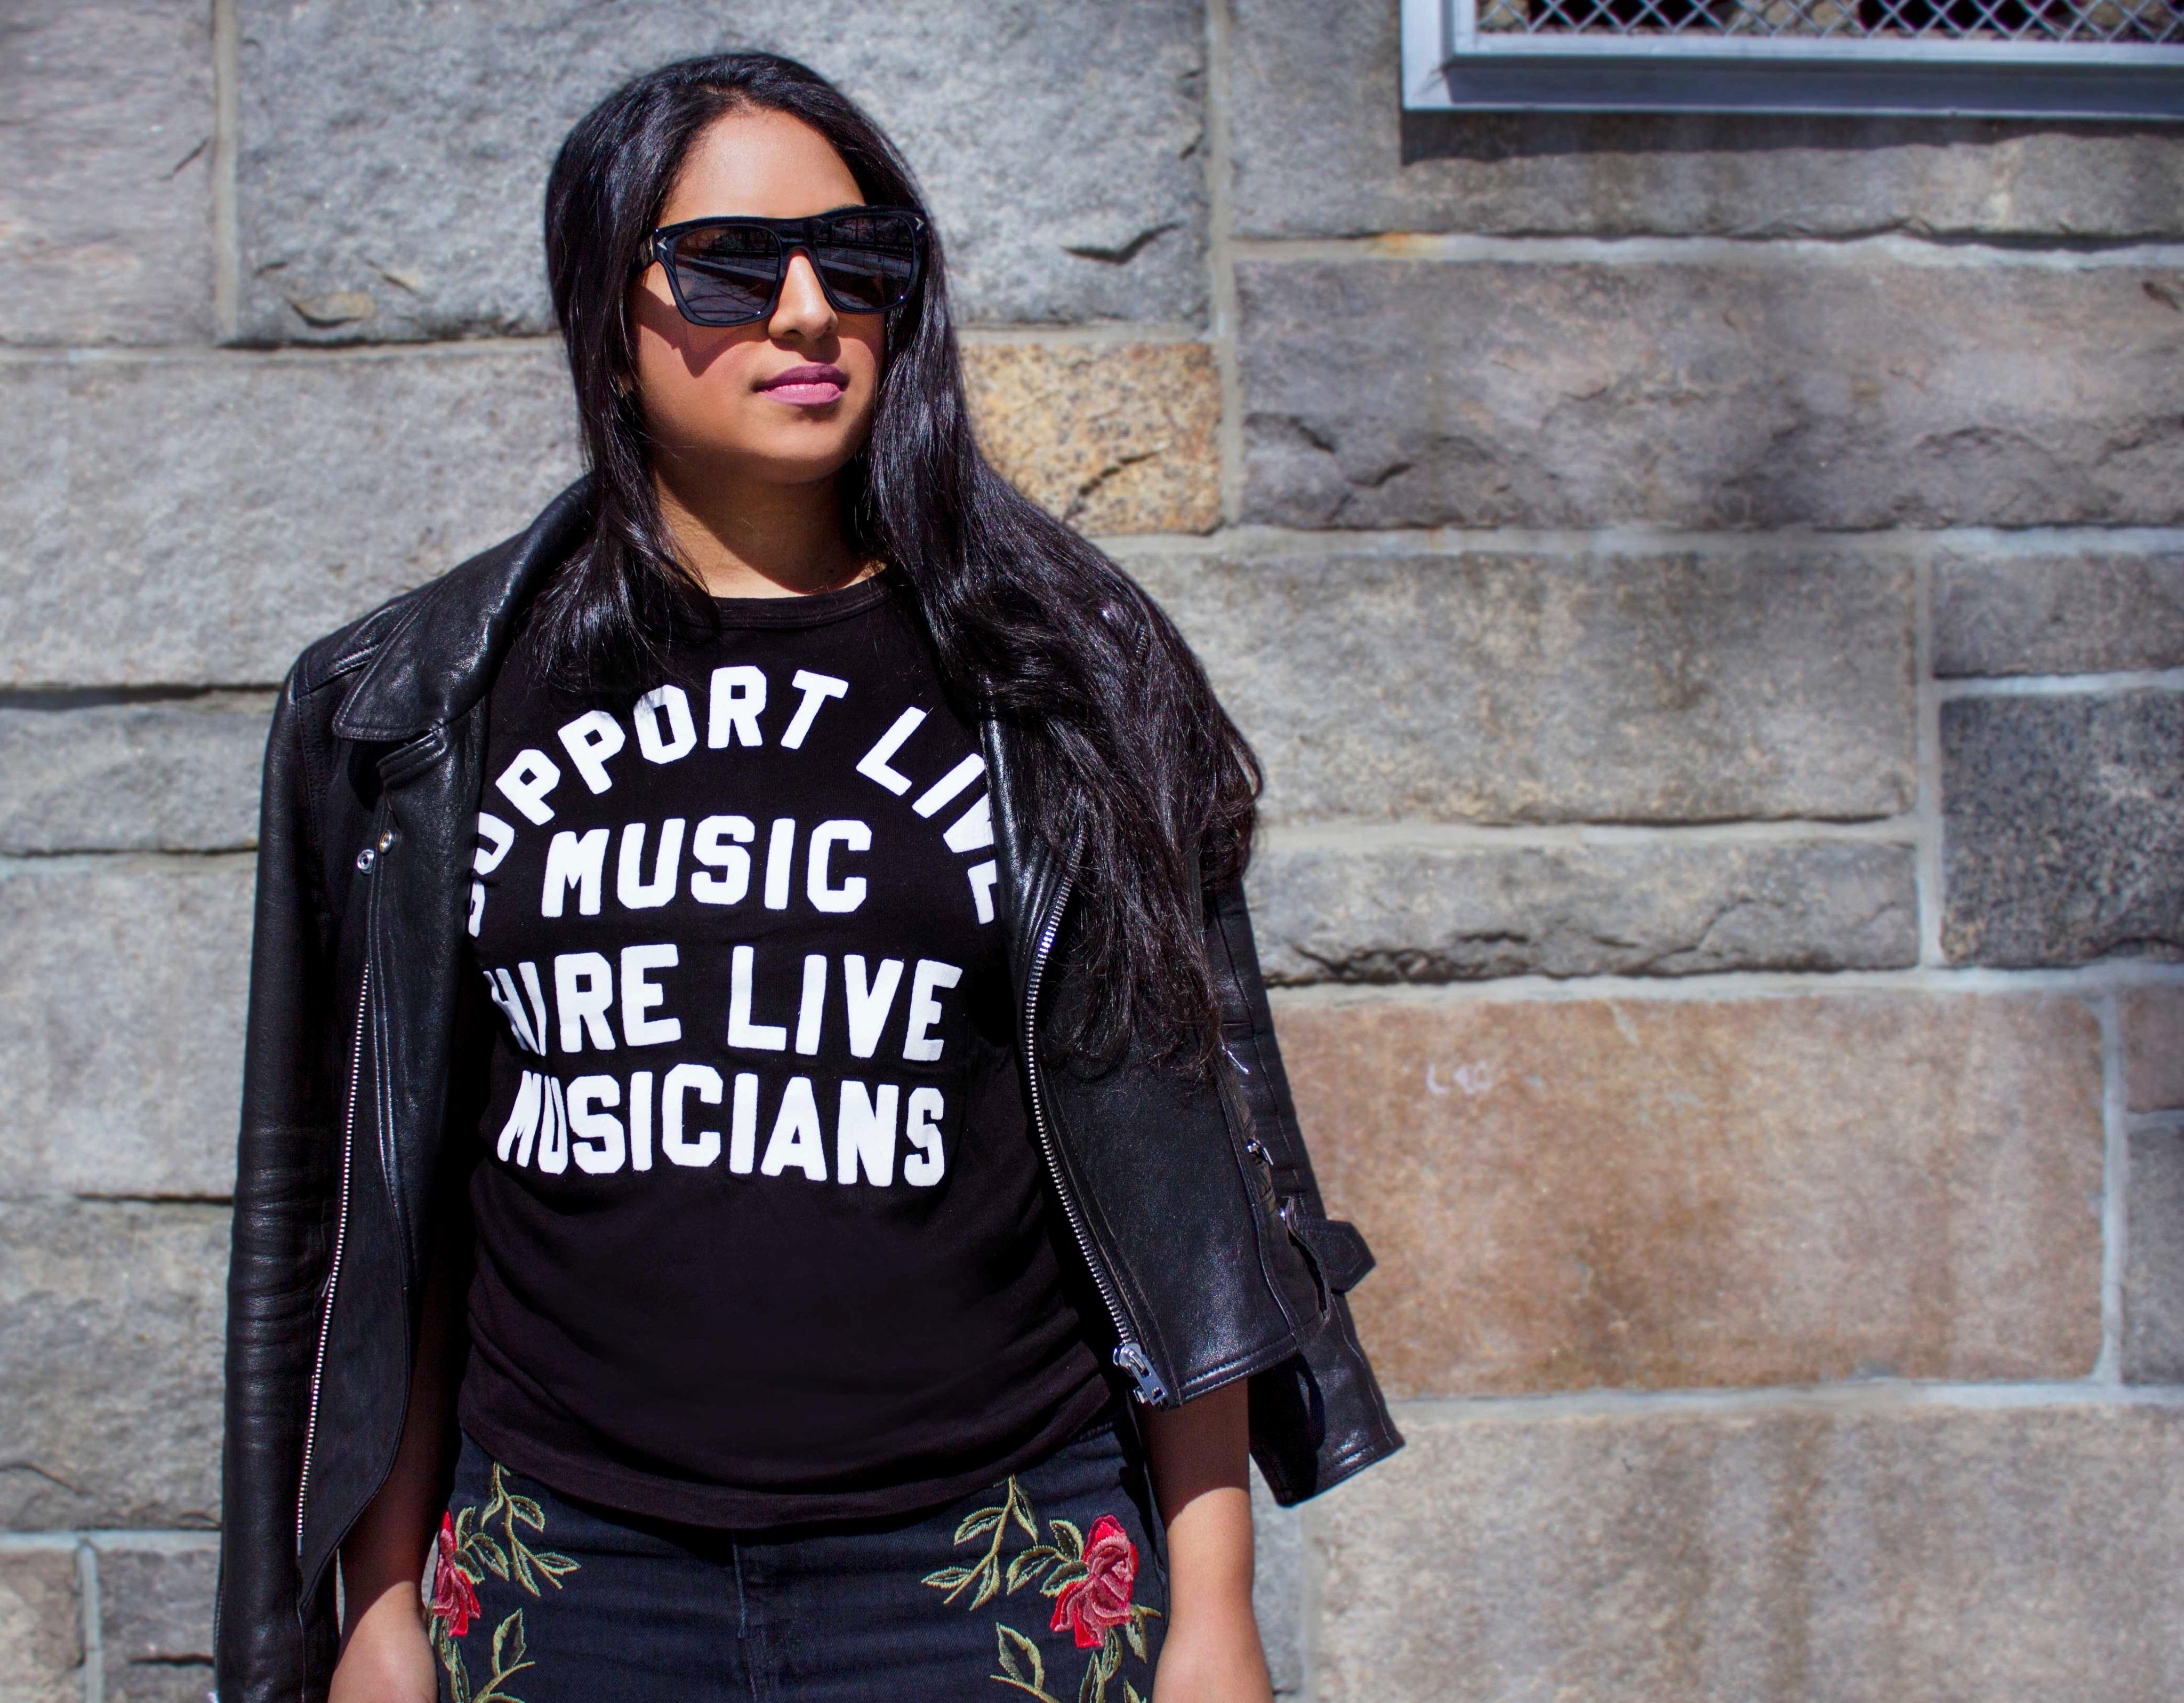 support-live-musicians-t-shirt